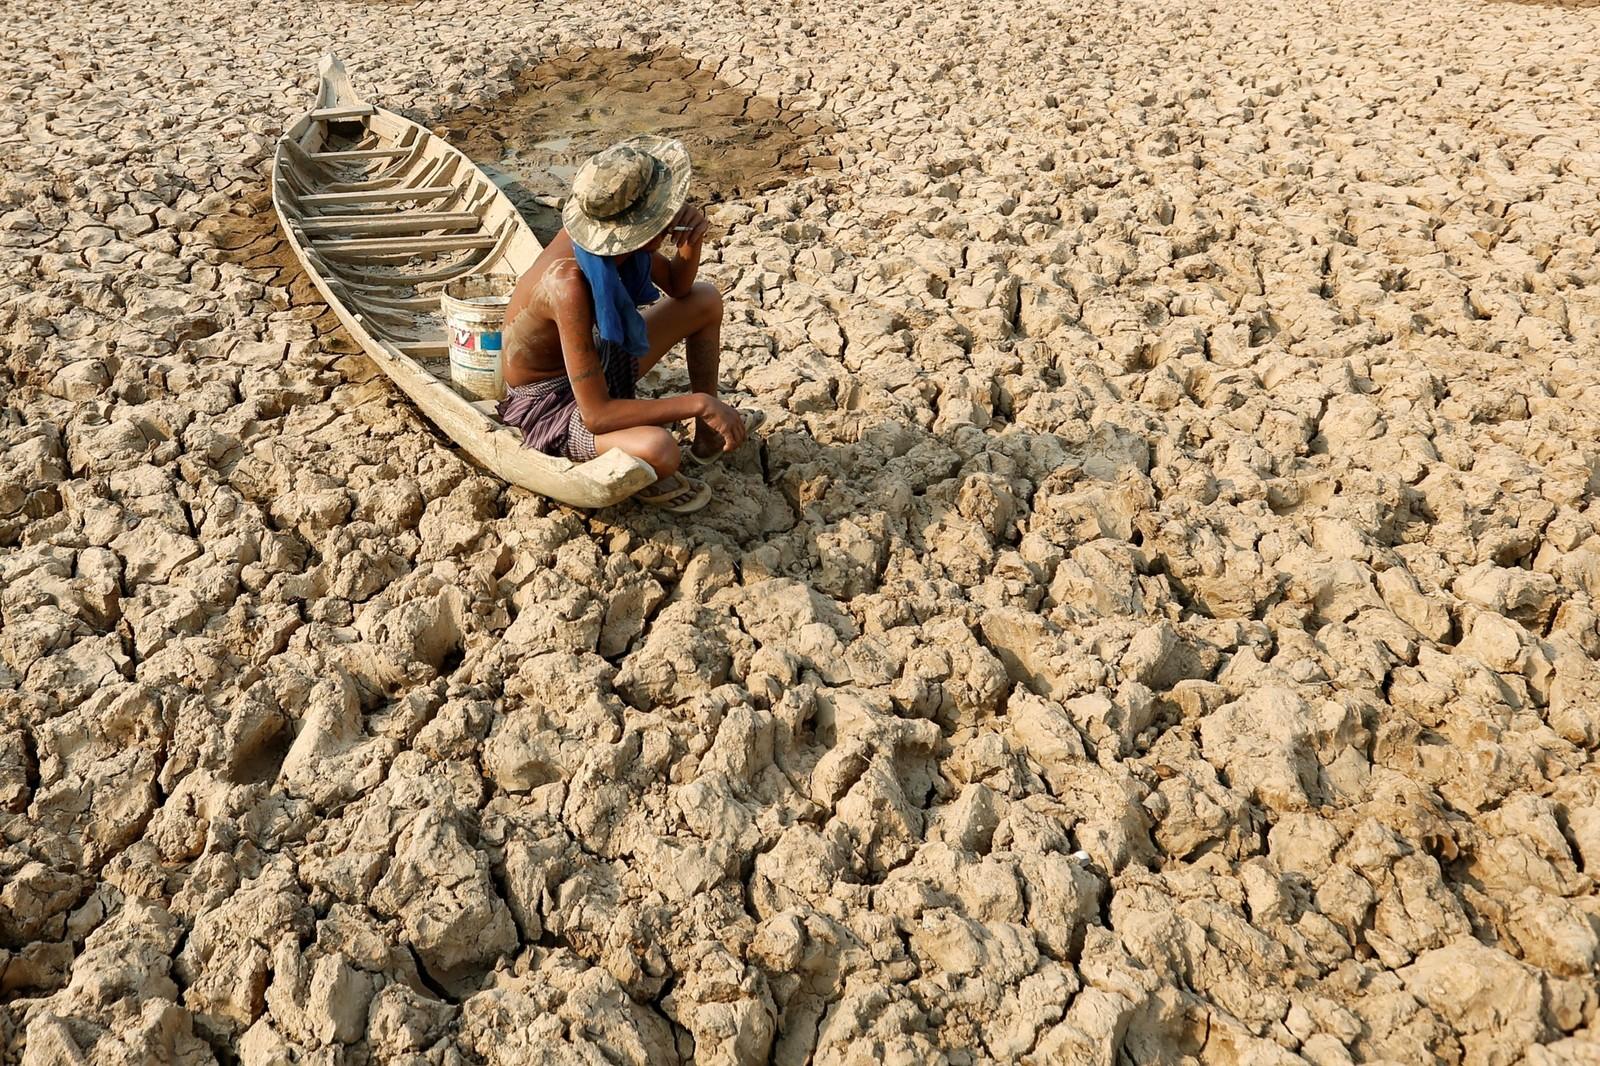 En fisker tar seg en røyk på en båt i det som var en innsjø i Kambodsja. El Niño skal ha ført til en tørkeperiode landet ikke har opplevd på 50 år. Flere hundre tusen mennesker står i fare for å gå tomme for rent vann.